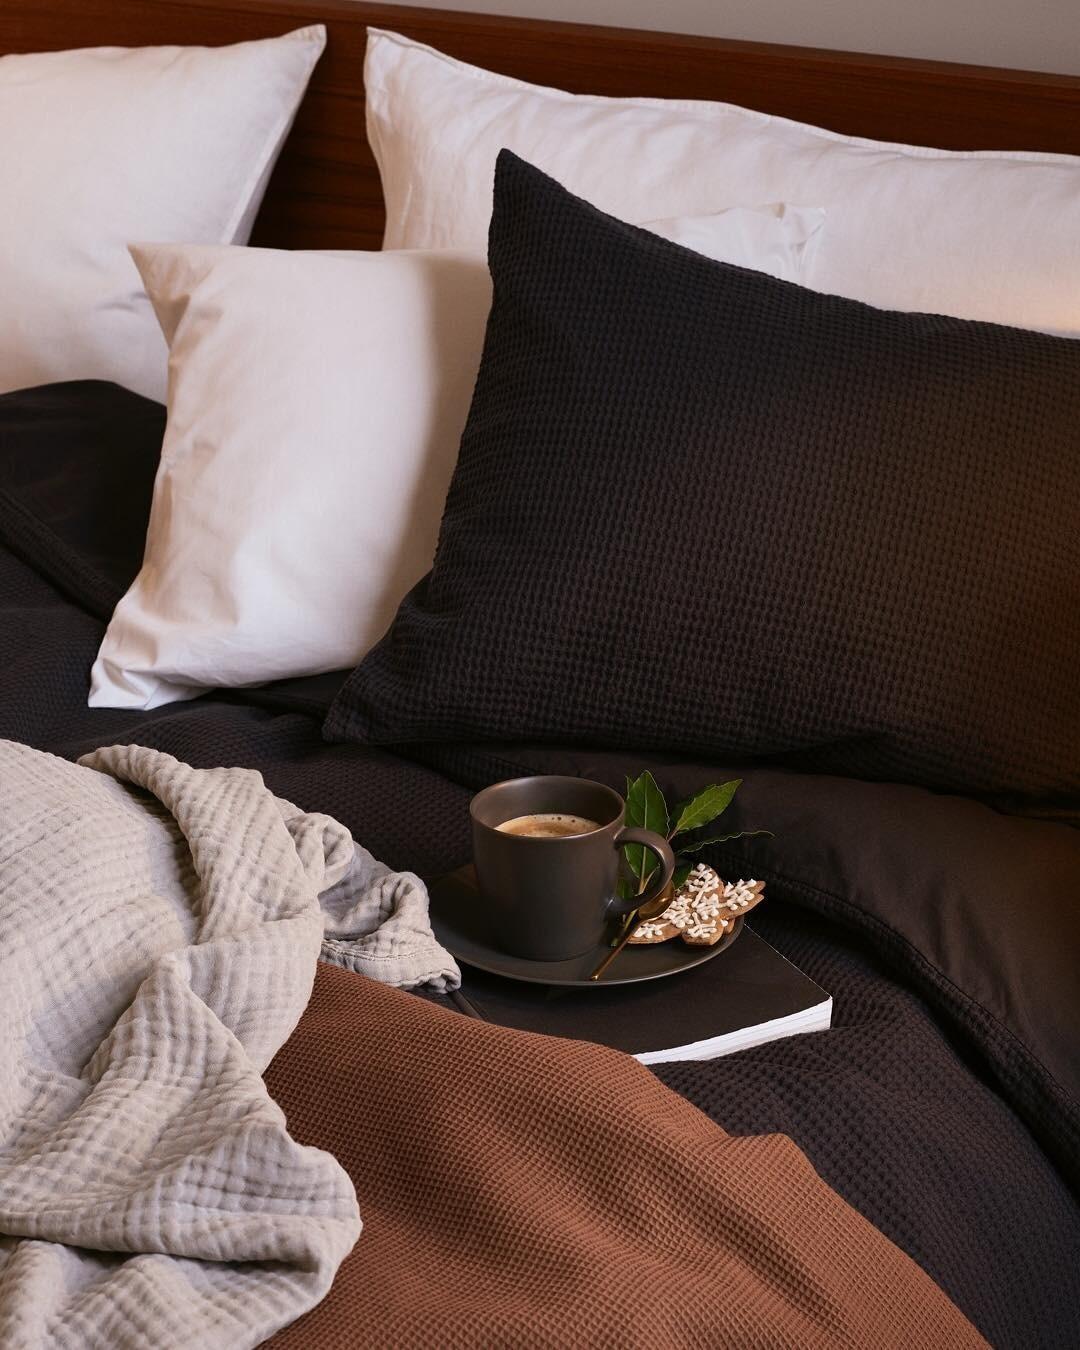 Текстиль - универсальный способ сделать интерьер уютнее